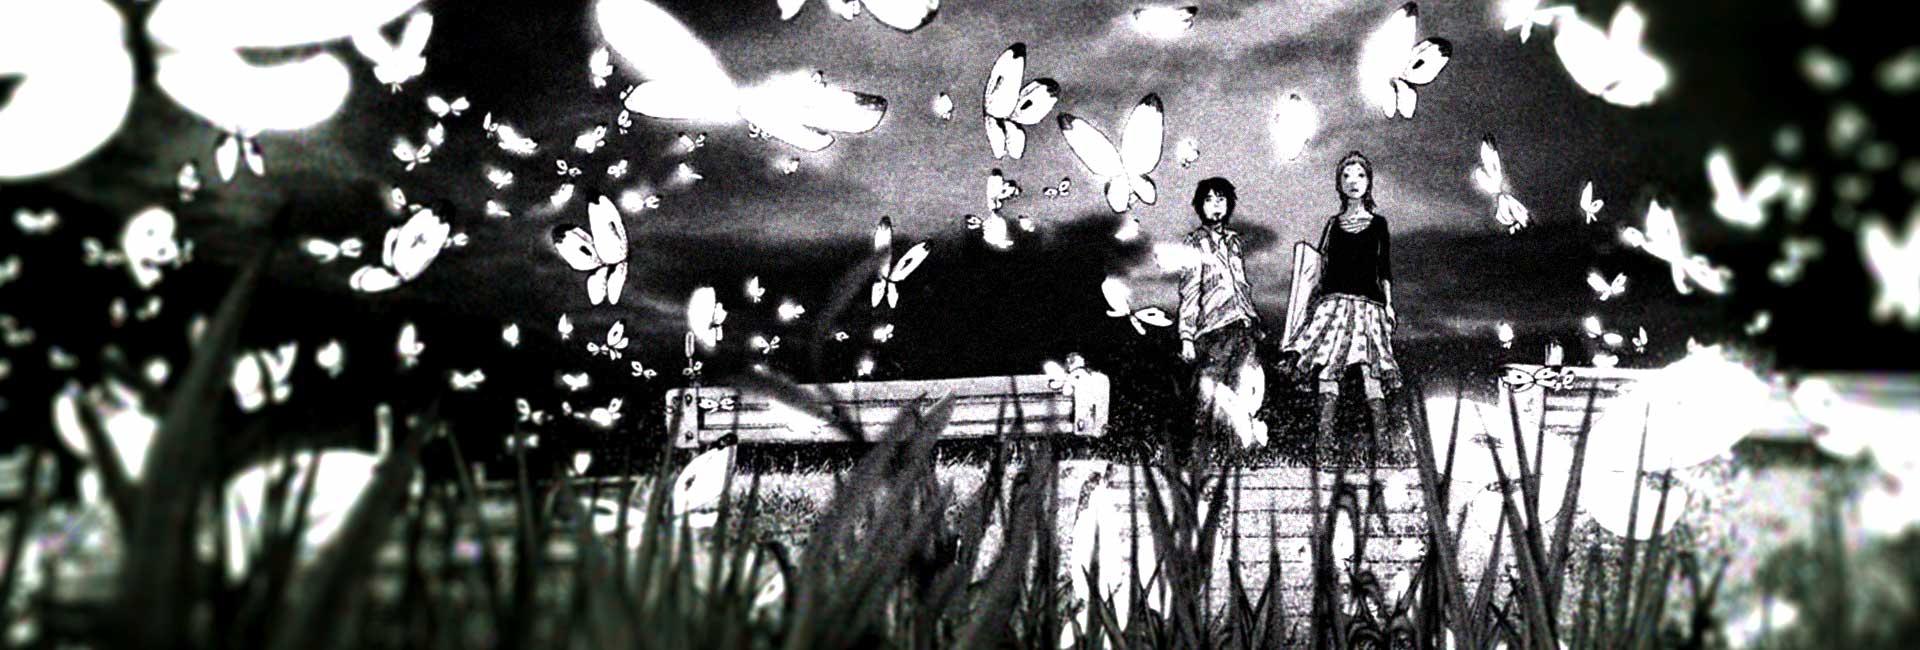 Nijigahara Holograph em um campo cheio de borboletas